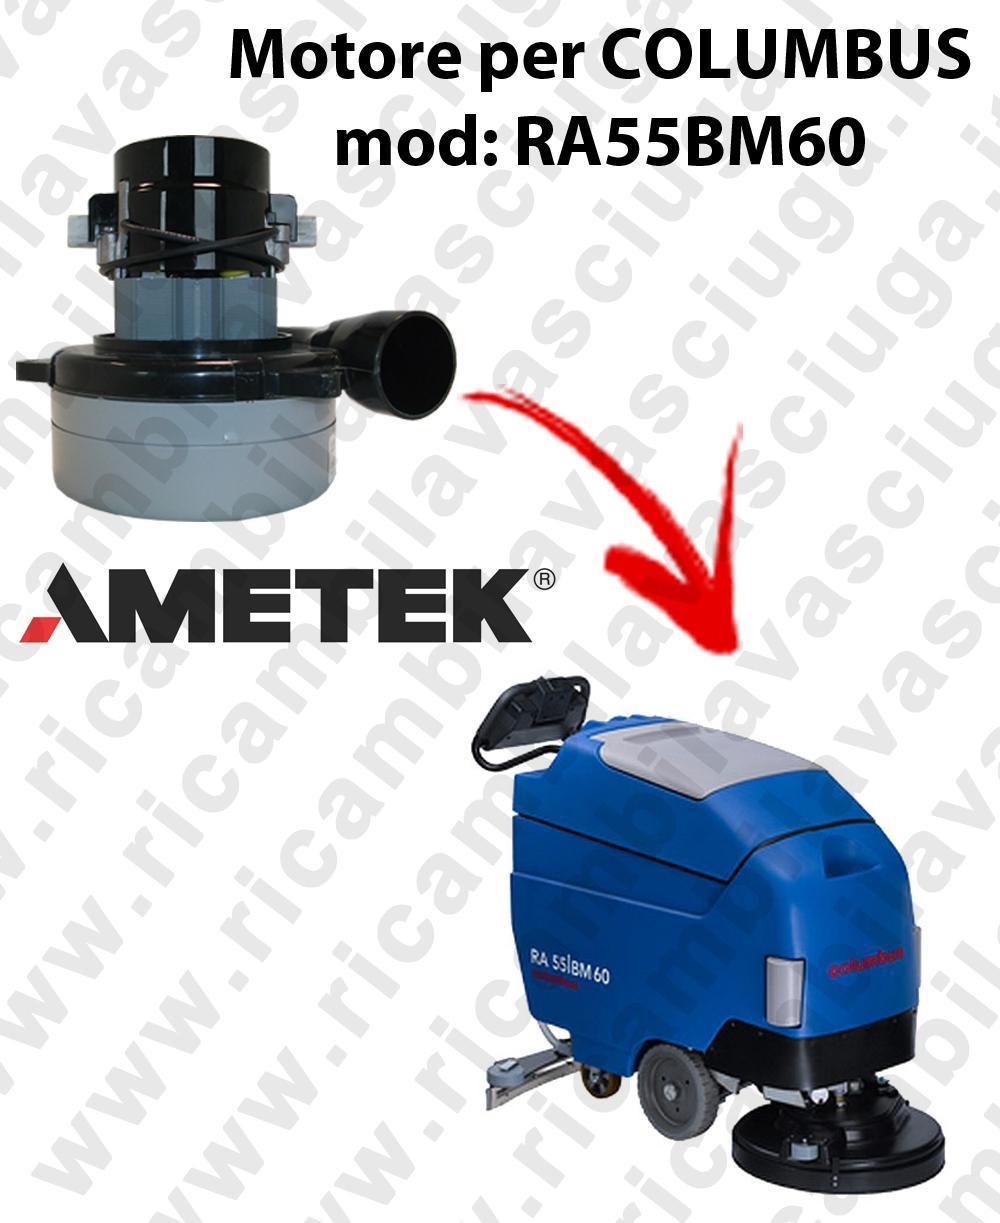 RA55BM60 LAMB AMETEK vacuum motor for scrubber dryer COLUMBUS